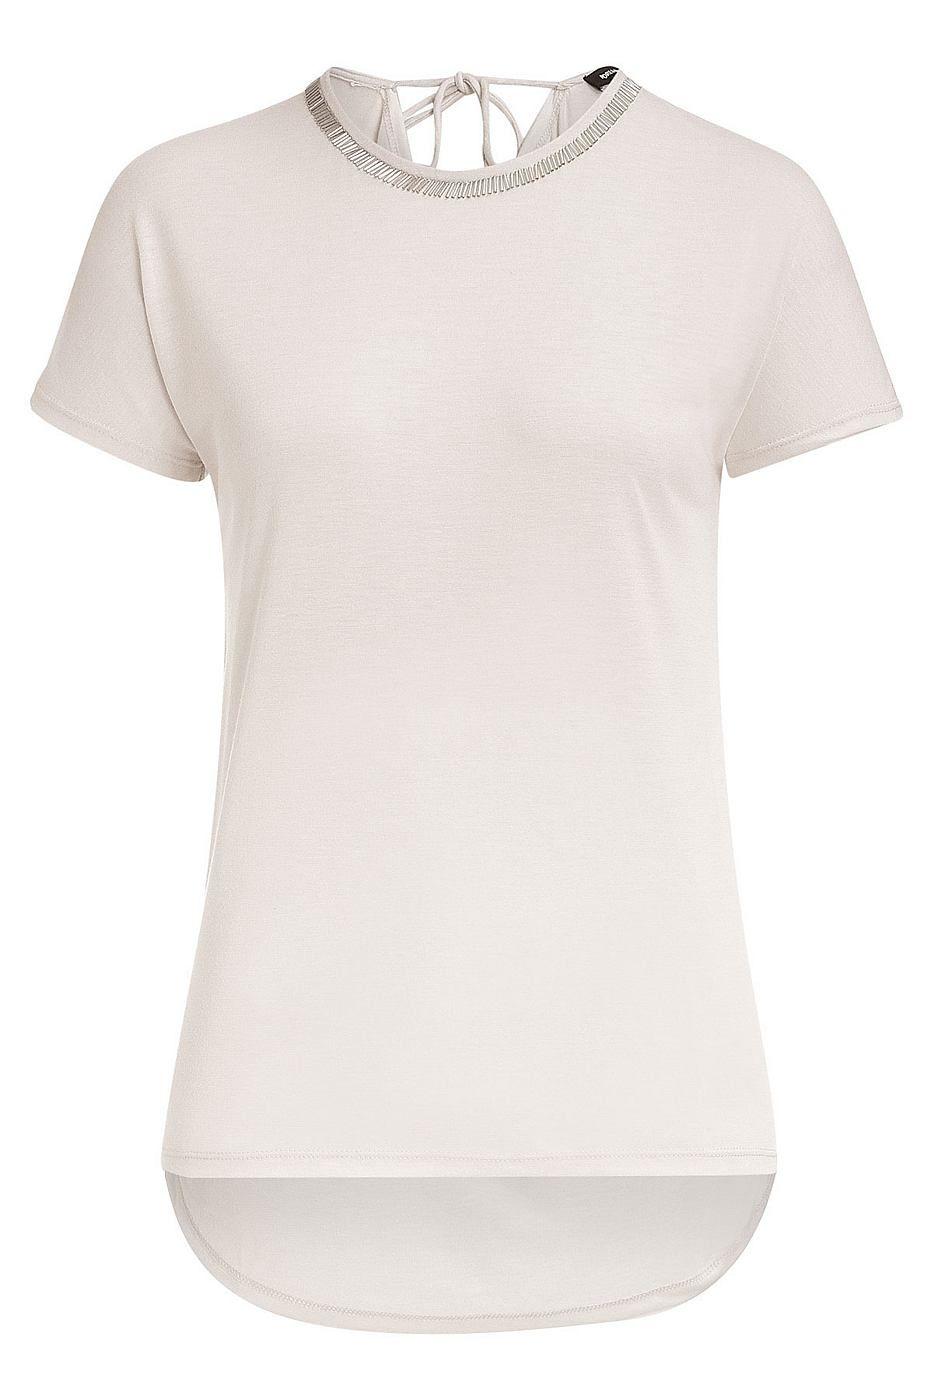 Stylisches Oversize Shirt von MORE & MORE in fließender Kunstfaser mit dekorativen Stäbchen-Pailletten am Ausschnitt. Material: 65% Polyester, 35% Viskose...